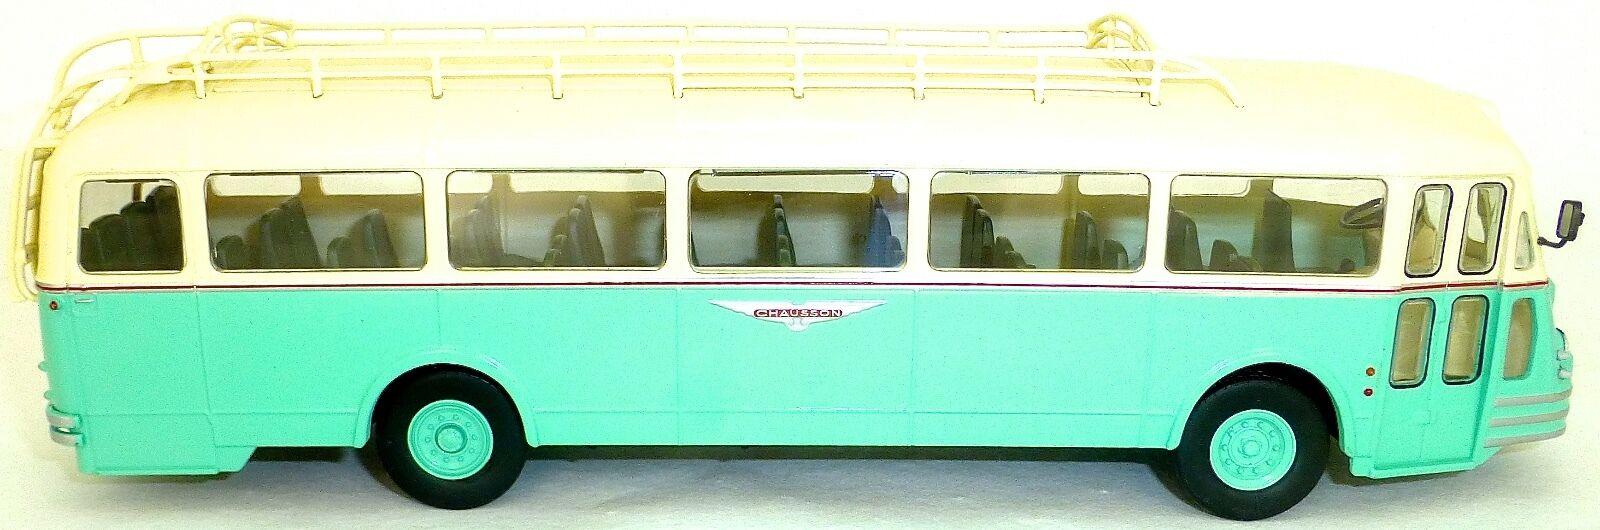 tutto in alta qualità e prezzo basso Chausson Chausson Chausson Aph 47 Donna De Cochon autobus Francia Ixo 1 43 Confezione Originale Nuovo  caldo